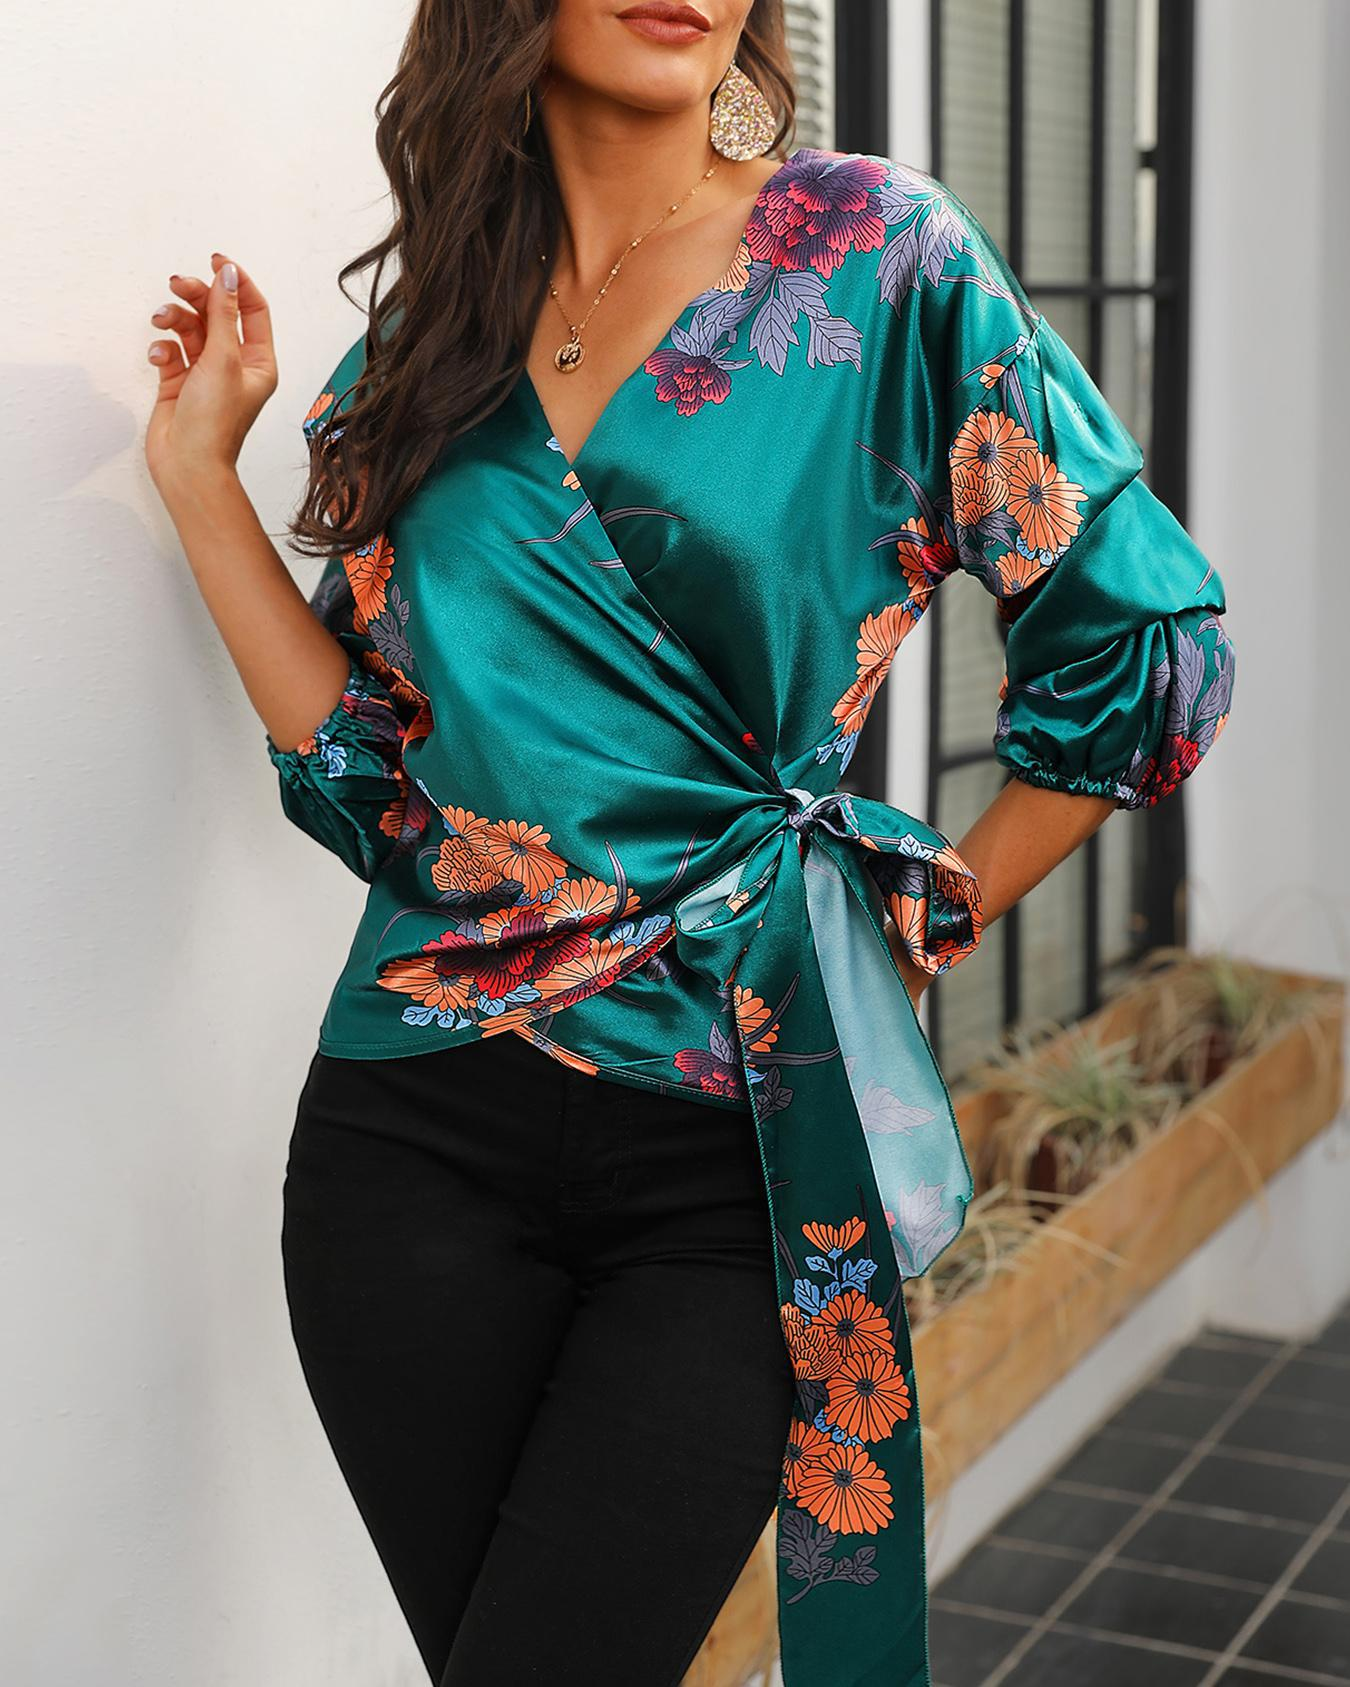 ivrose / Blusa de cintura com estampa floral e nó